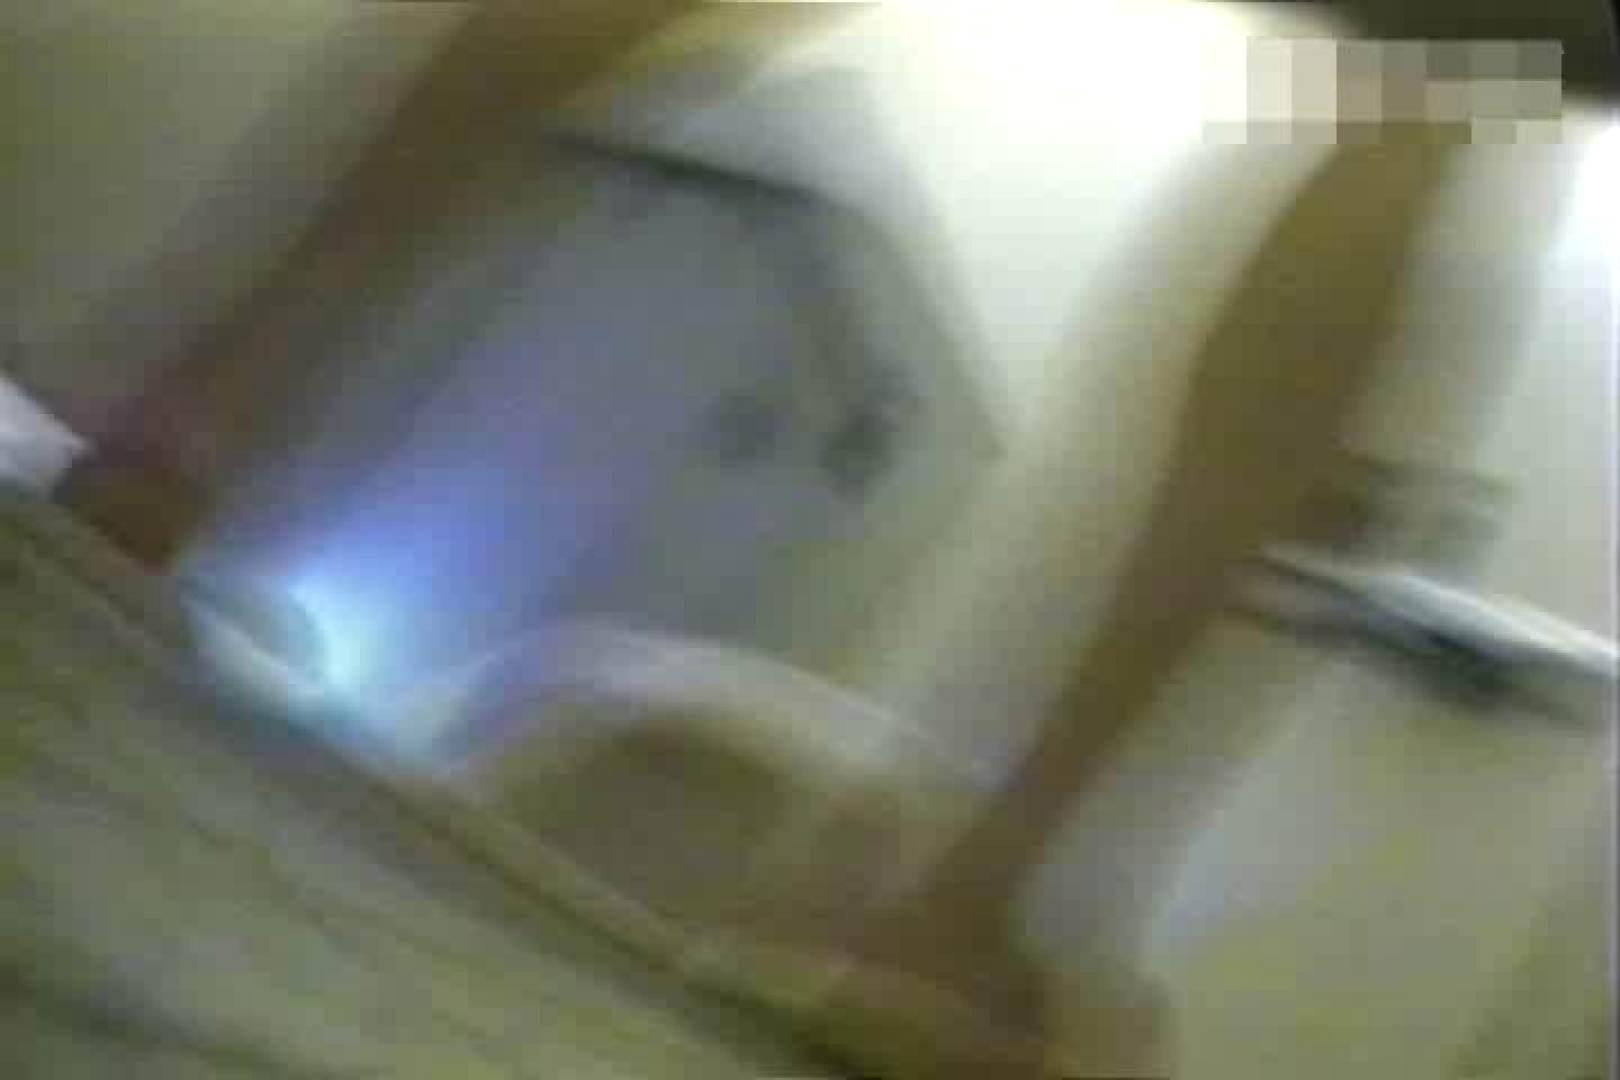 個室狂いのマニア映像Vol.2 ギャルのエロ動画 盗み撮り動画 105画像 84